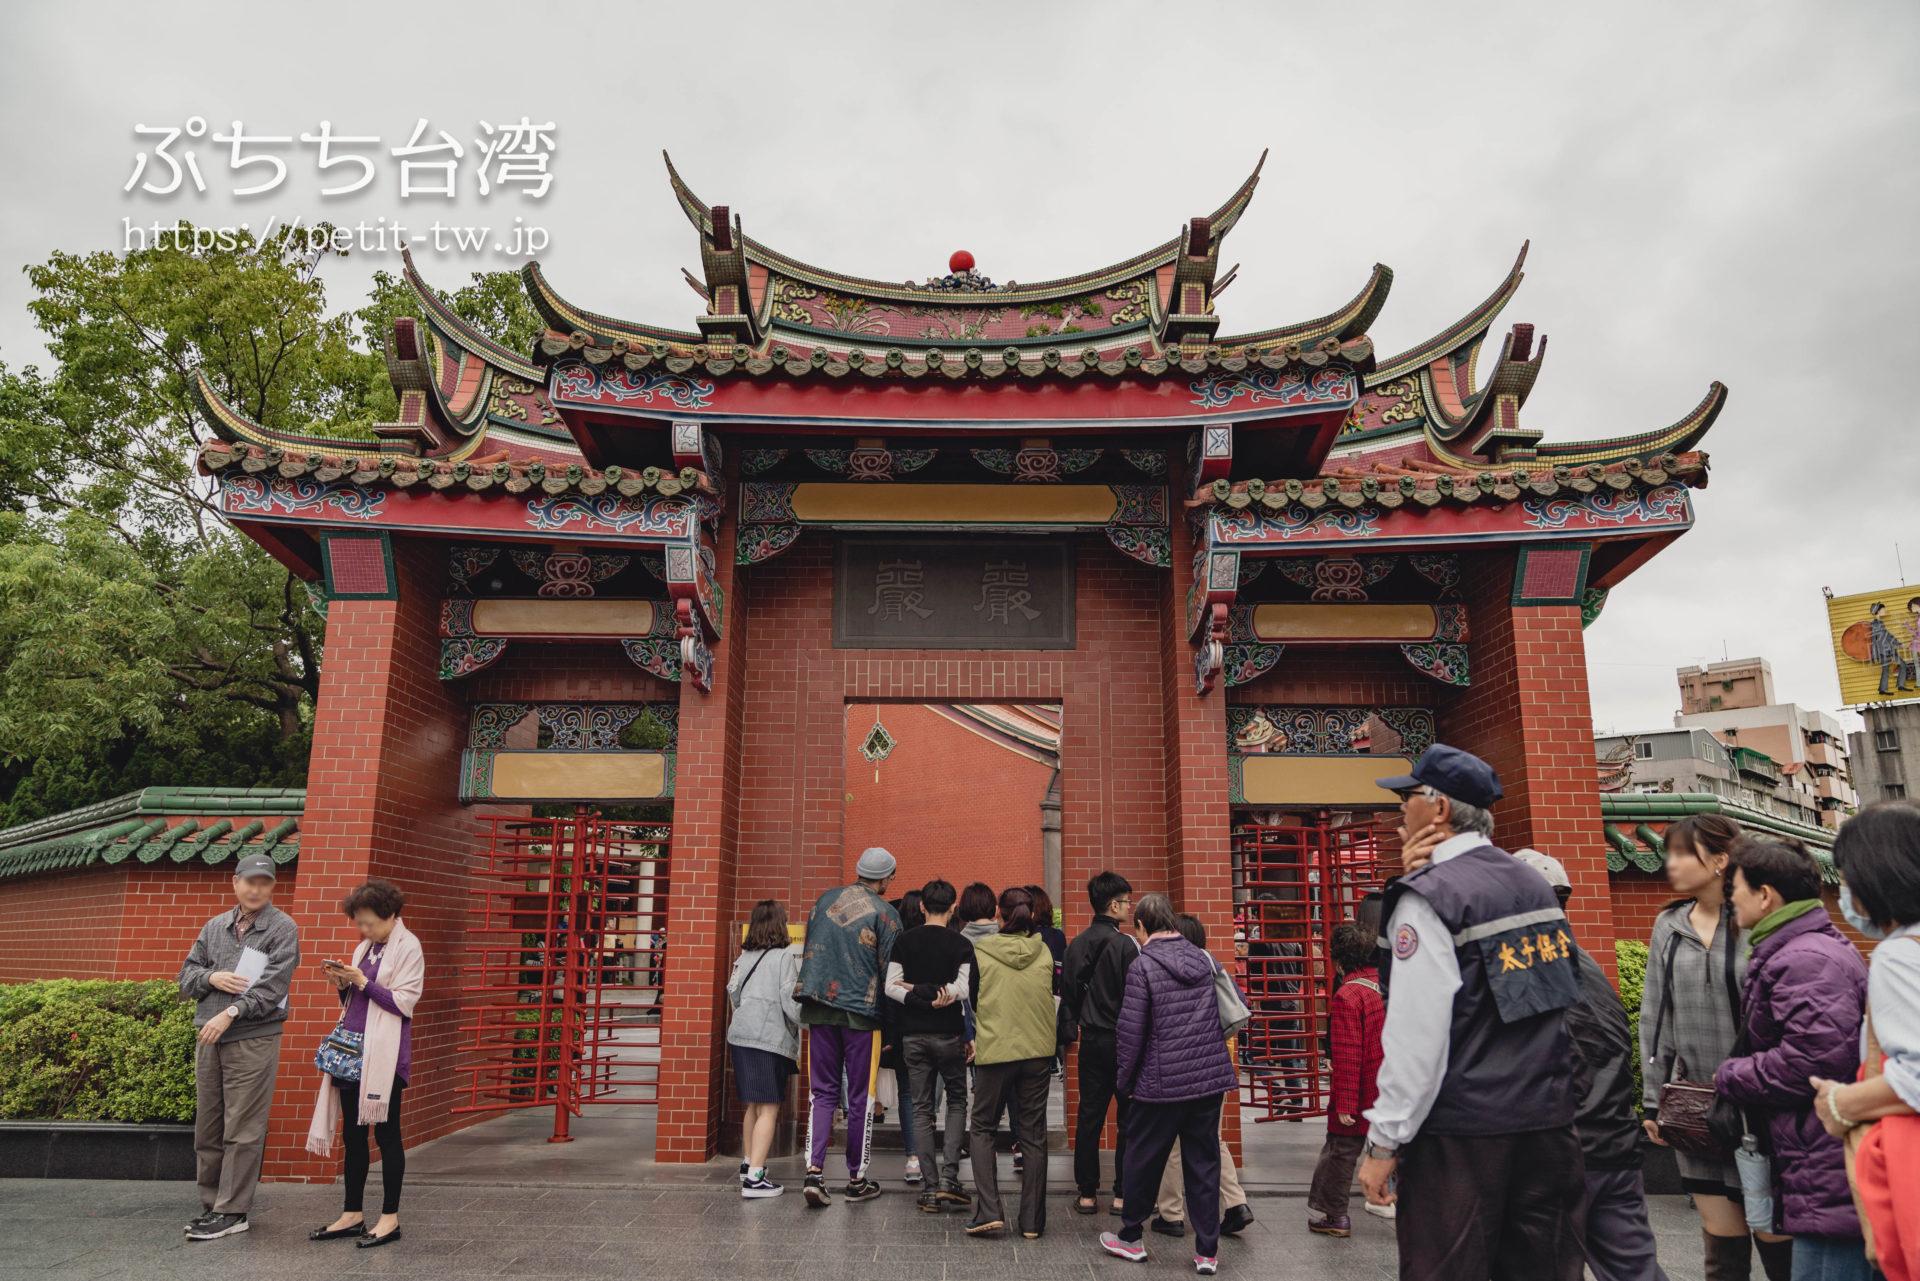 台北 2019年1月12日 最高気温22℃ 最低気温18℃